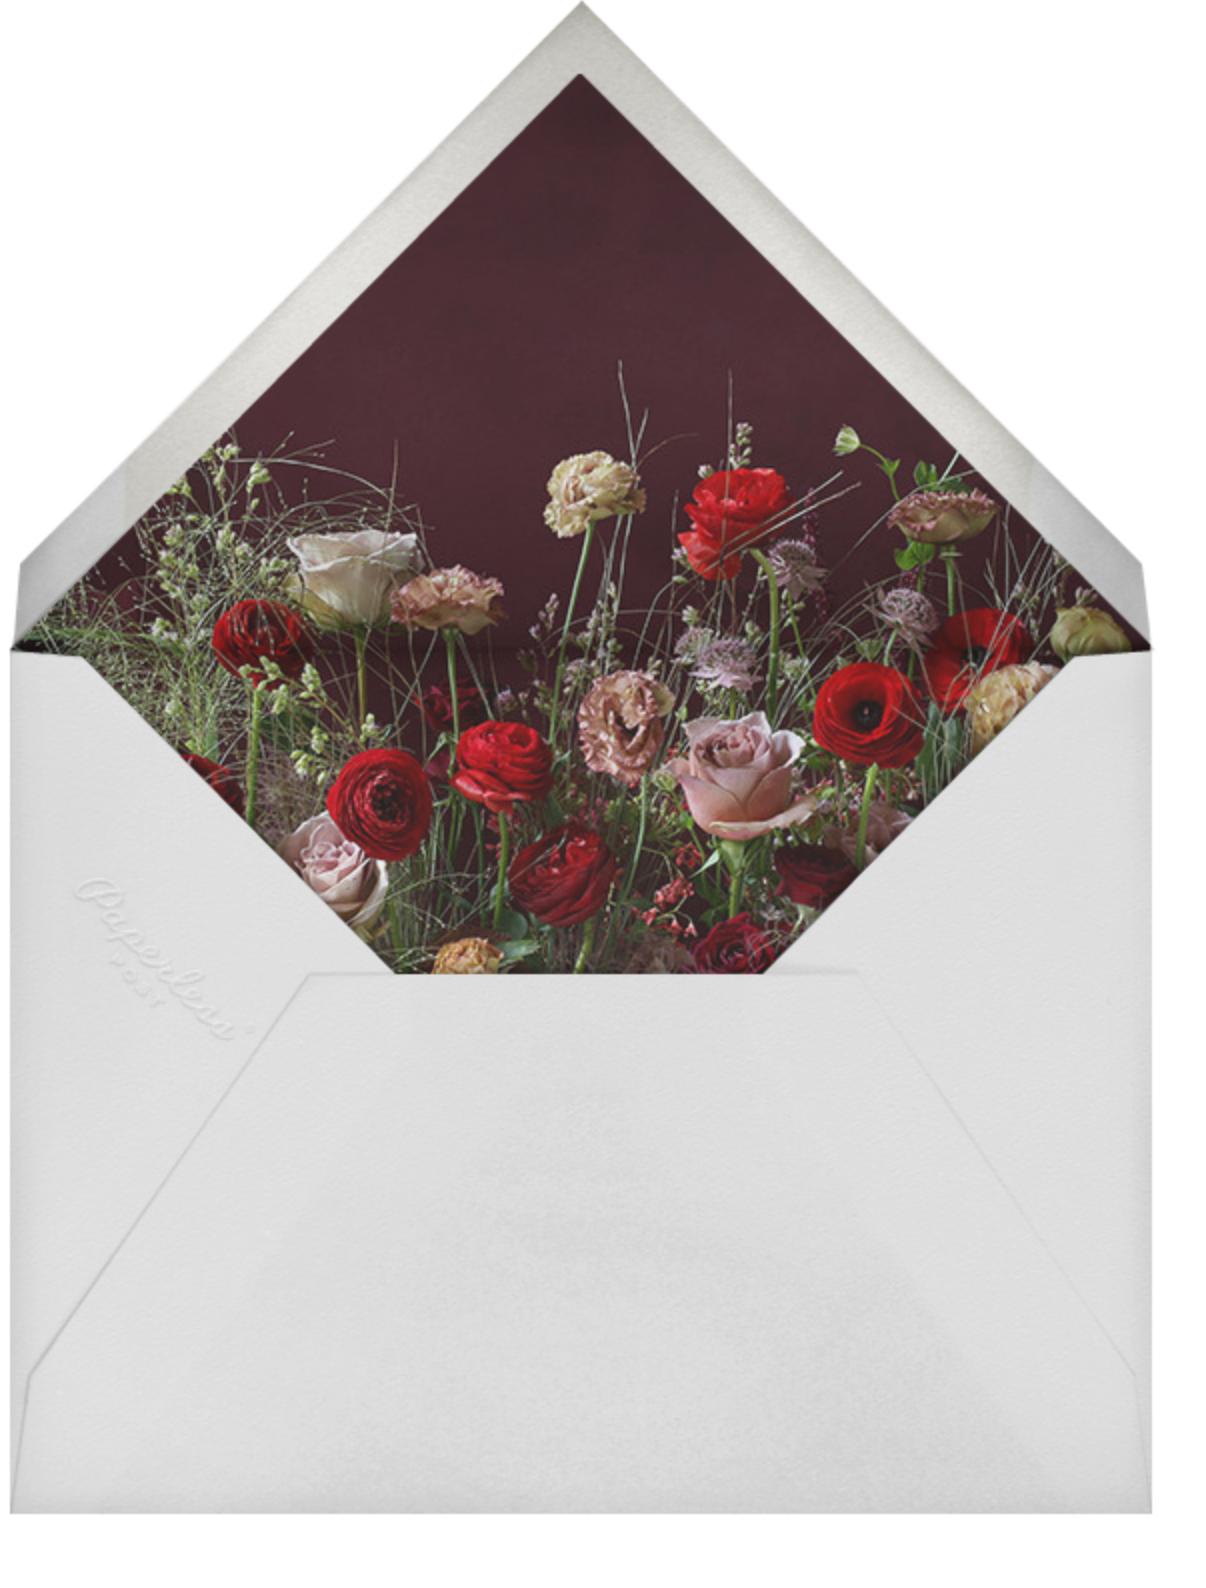 Brumaire - Putnam & Putnam - Brunch - envelope back